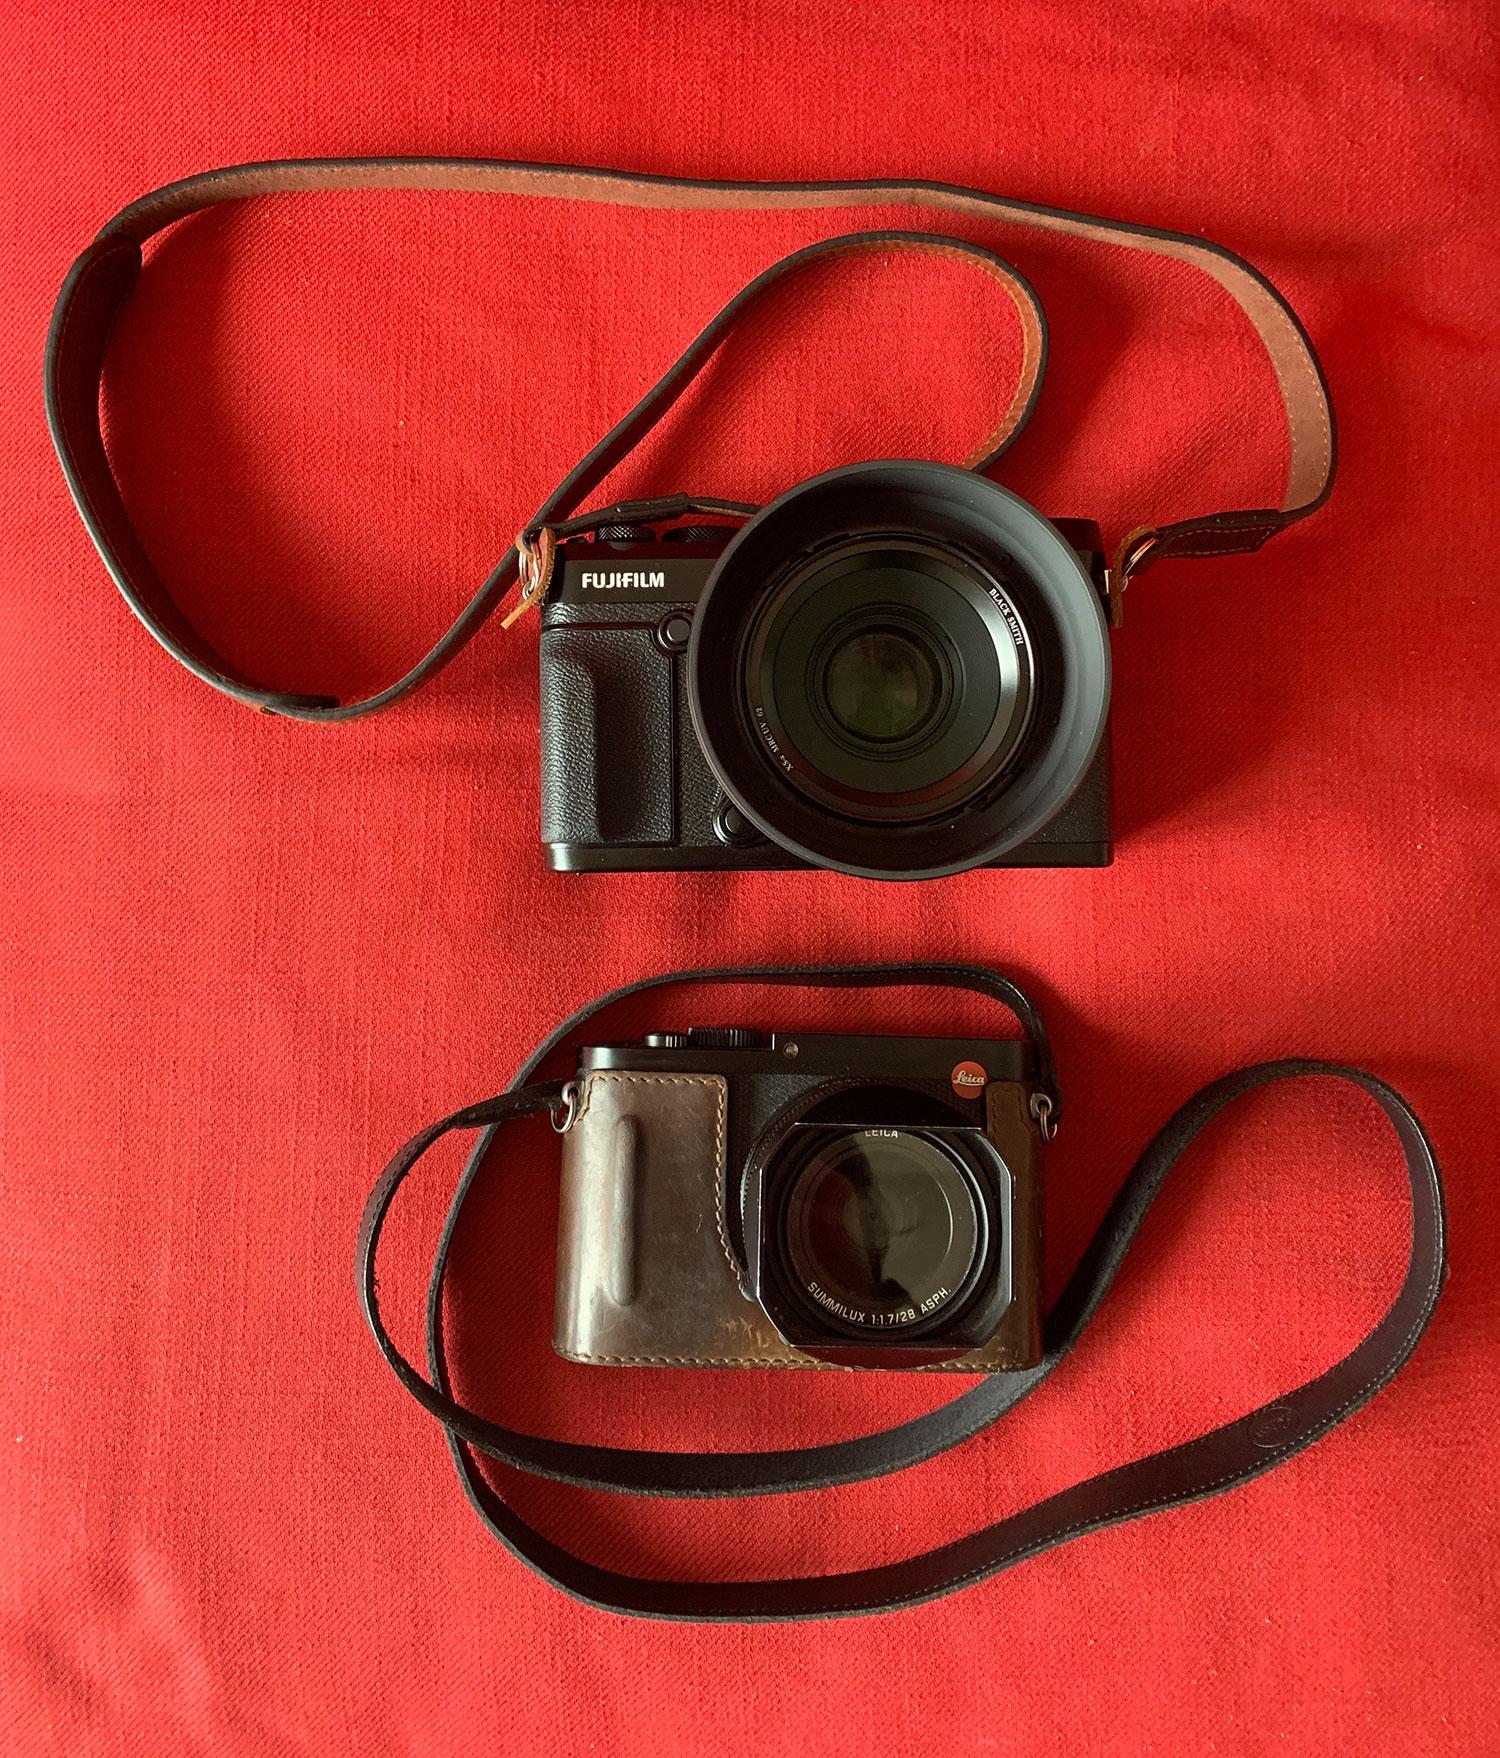 Le moyen format GFX 50R, un compagnon exceptionnel pour mon Leica Q